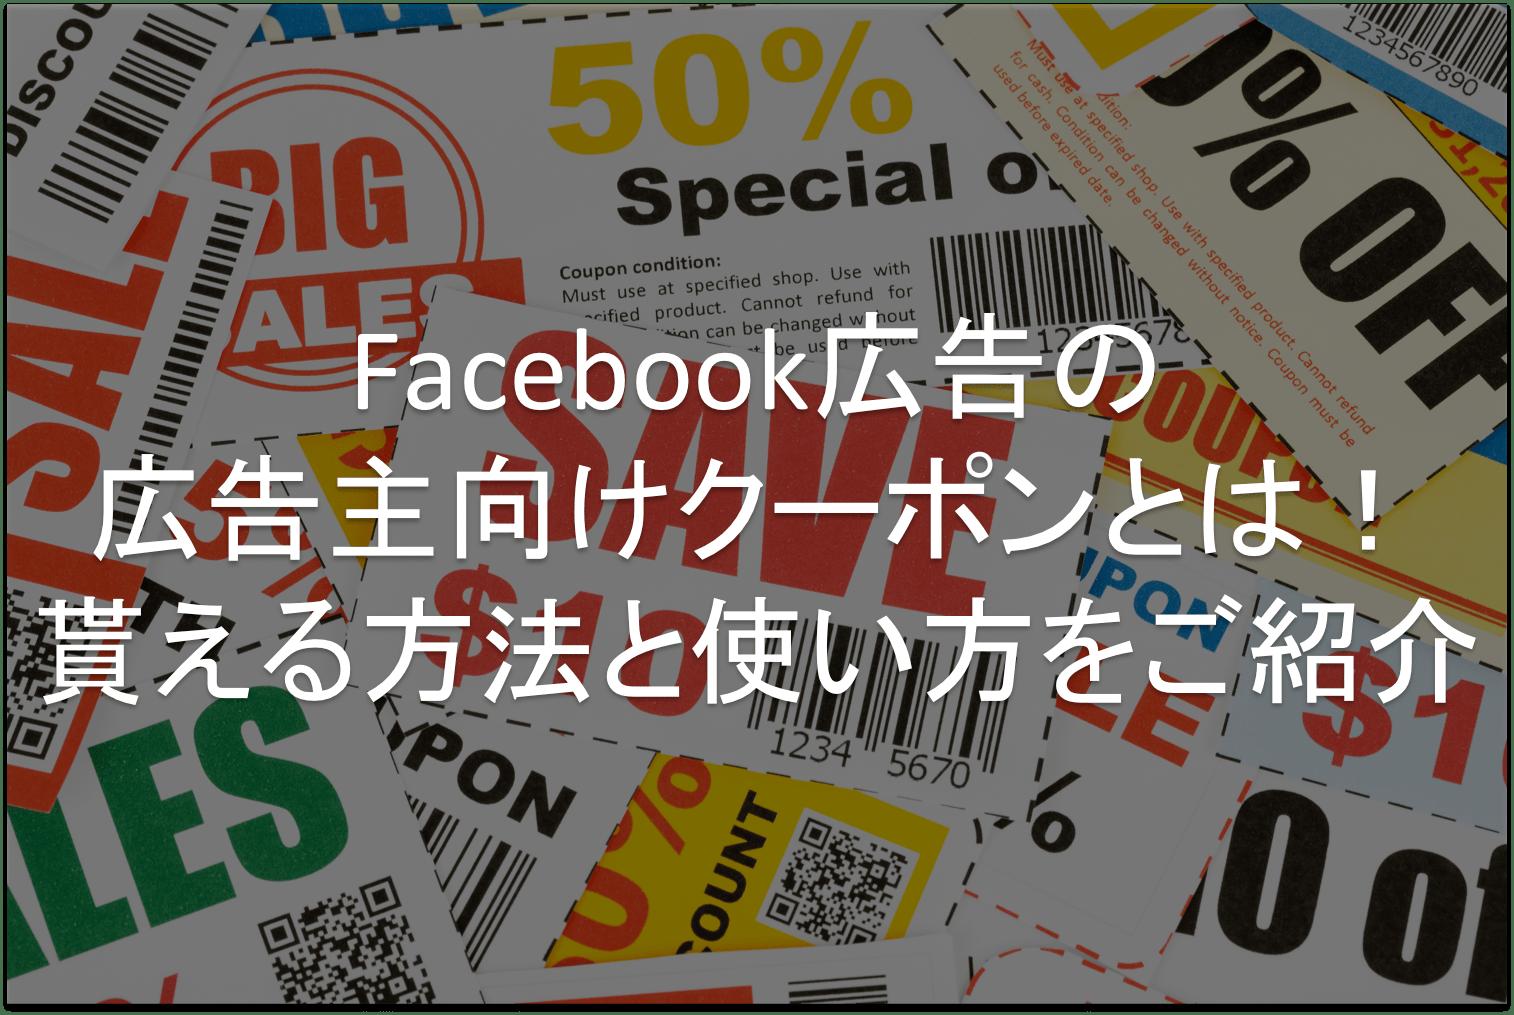 Facebook広告 クーポン